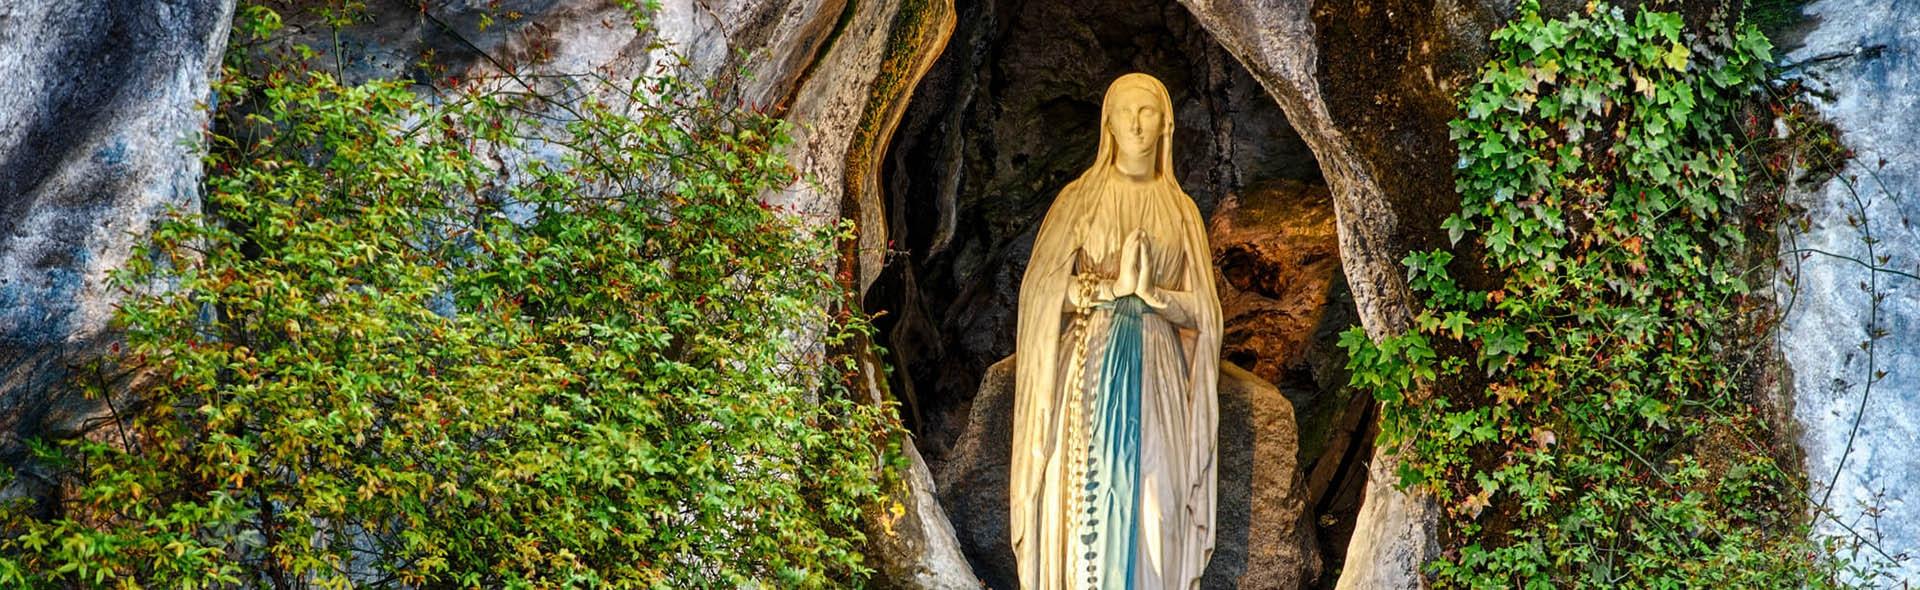 Viaggio a Lourdes in Aereo da Napoli Settembre